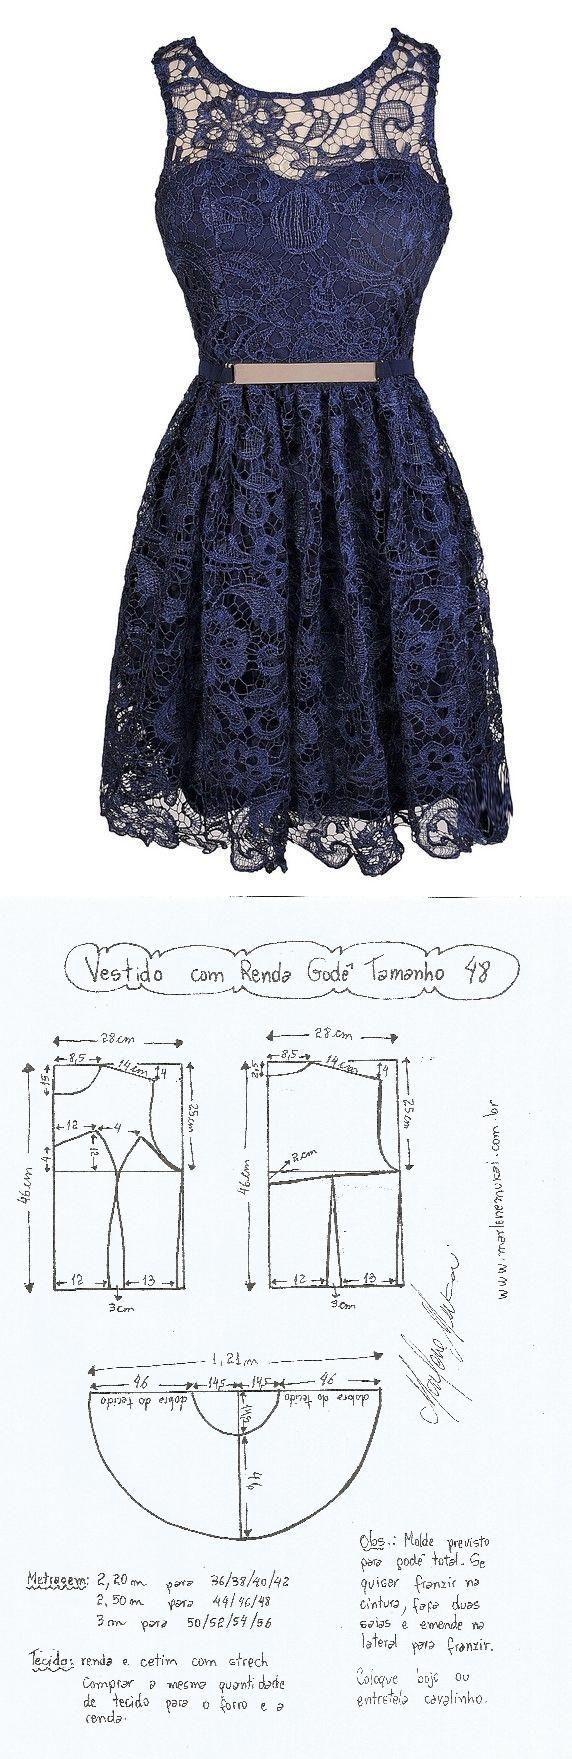 Vestido com Renda Godê. Um vestidinho jovial que pode ser feito com vários tipos de renda ou mesmo com chiffon ou musseline forrado com cetim ou tricoline. Segue esquema de modelagem do 36 ao 56.